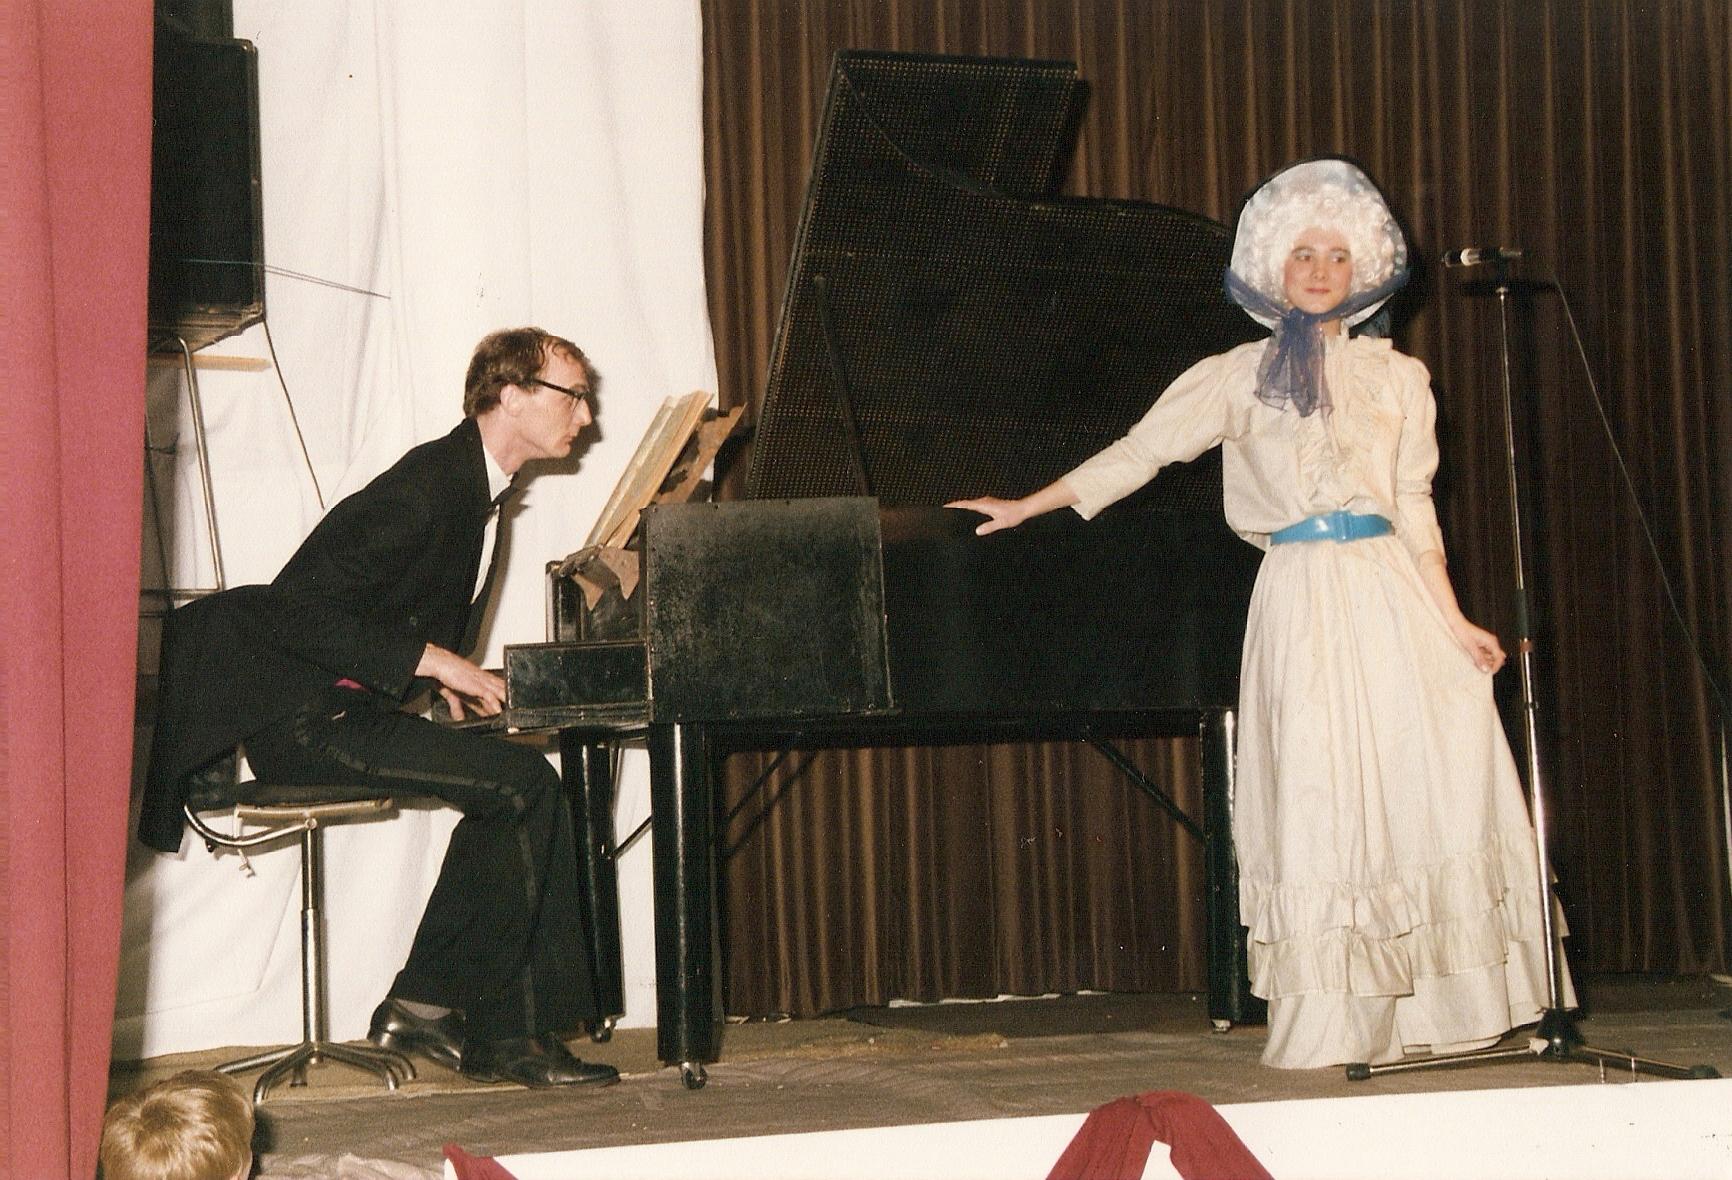 Tijdens deze act werd er gebruikt gemaakt van levende dieren. Wanneer de klep van de piano open ging, vlogen er maar liefs 15 duiven de lucht in.